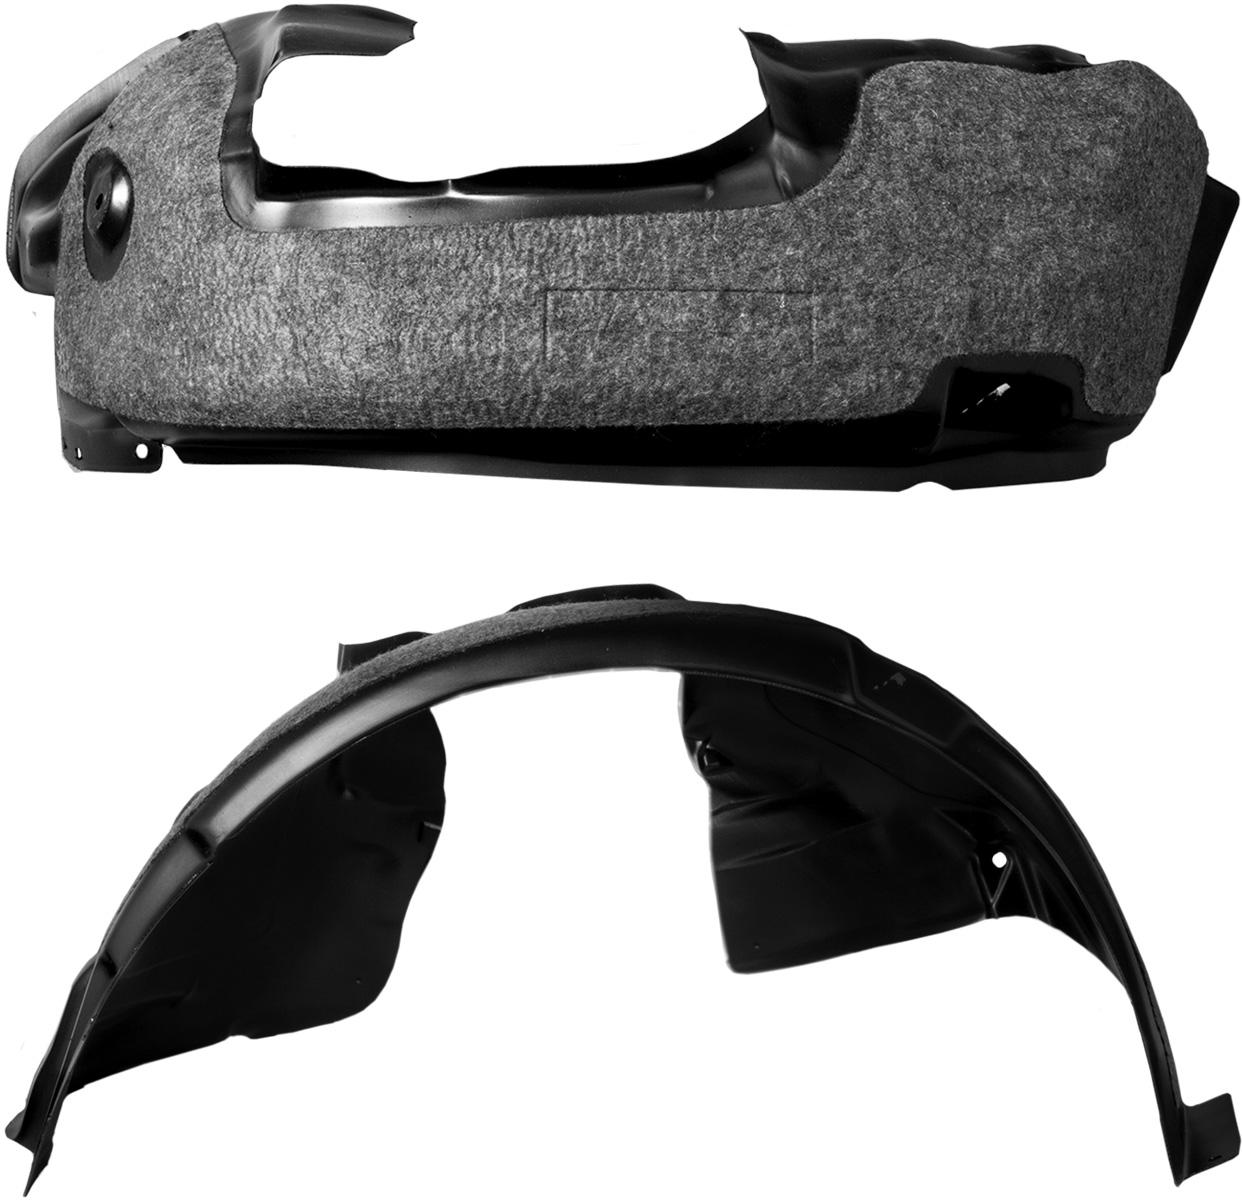 Подкрылок с шумоизоляцией Novline-Autofamily, для Peugeot Boxer, 08/2014 ->, без/с расширителями арок (задний левый)NLS.38.20.003Подкрылок с шумоизоляцией - революционный продукт, совмещающий в себе все достоинства обычного подкрылка, и в то же время являющийся одним из наиболее эффективных средств борьбы с внешним шумом в салоне автомобиля. Подкрылки бренда Novline-Autofamily разрабатываются индивидуально для каждого автомобиля с использованием метода 3D-сканирования. В качестве шумоизолирующего слоя применяется легкое синтетическое нетканое полотно толщиной 10 мм, которое отталкивает влагу, сохраняет свои шумоизоляционные свойства на протяжении всего периода эксплуатации. Подкрылки с шумоизоляцией не имеют эксплуатационных ограничений и устанавливаются один раз на весь срок службы автомобиля. Подкрылки с шумоизоляцией не имеют аналогов и являются российским изобретением, получившим признание во всём мире. Уважаемые клиенты! Обращаем ваше внимание, фото может не полностью соответствовать оригиналу.